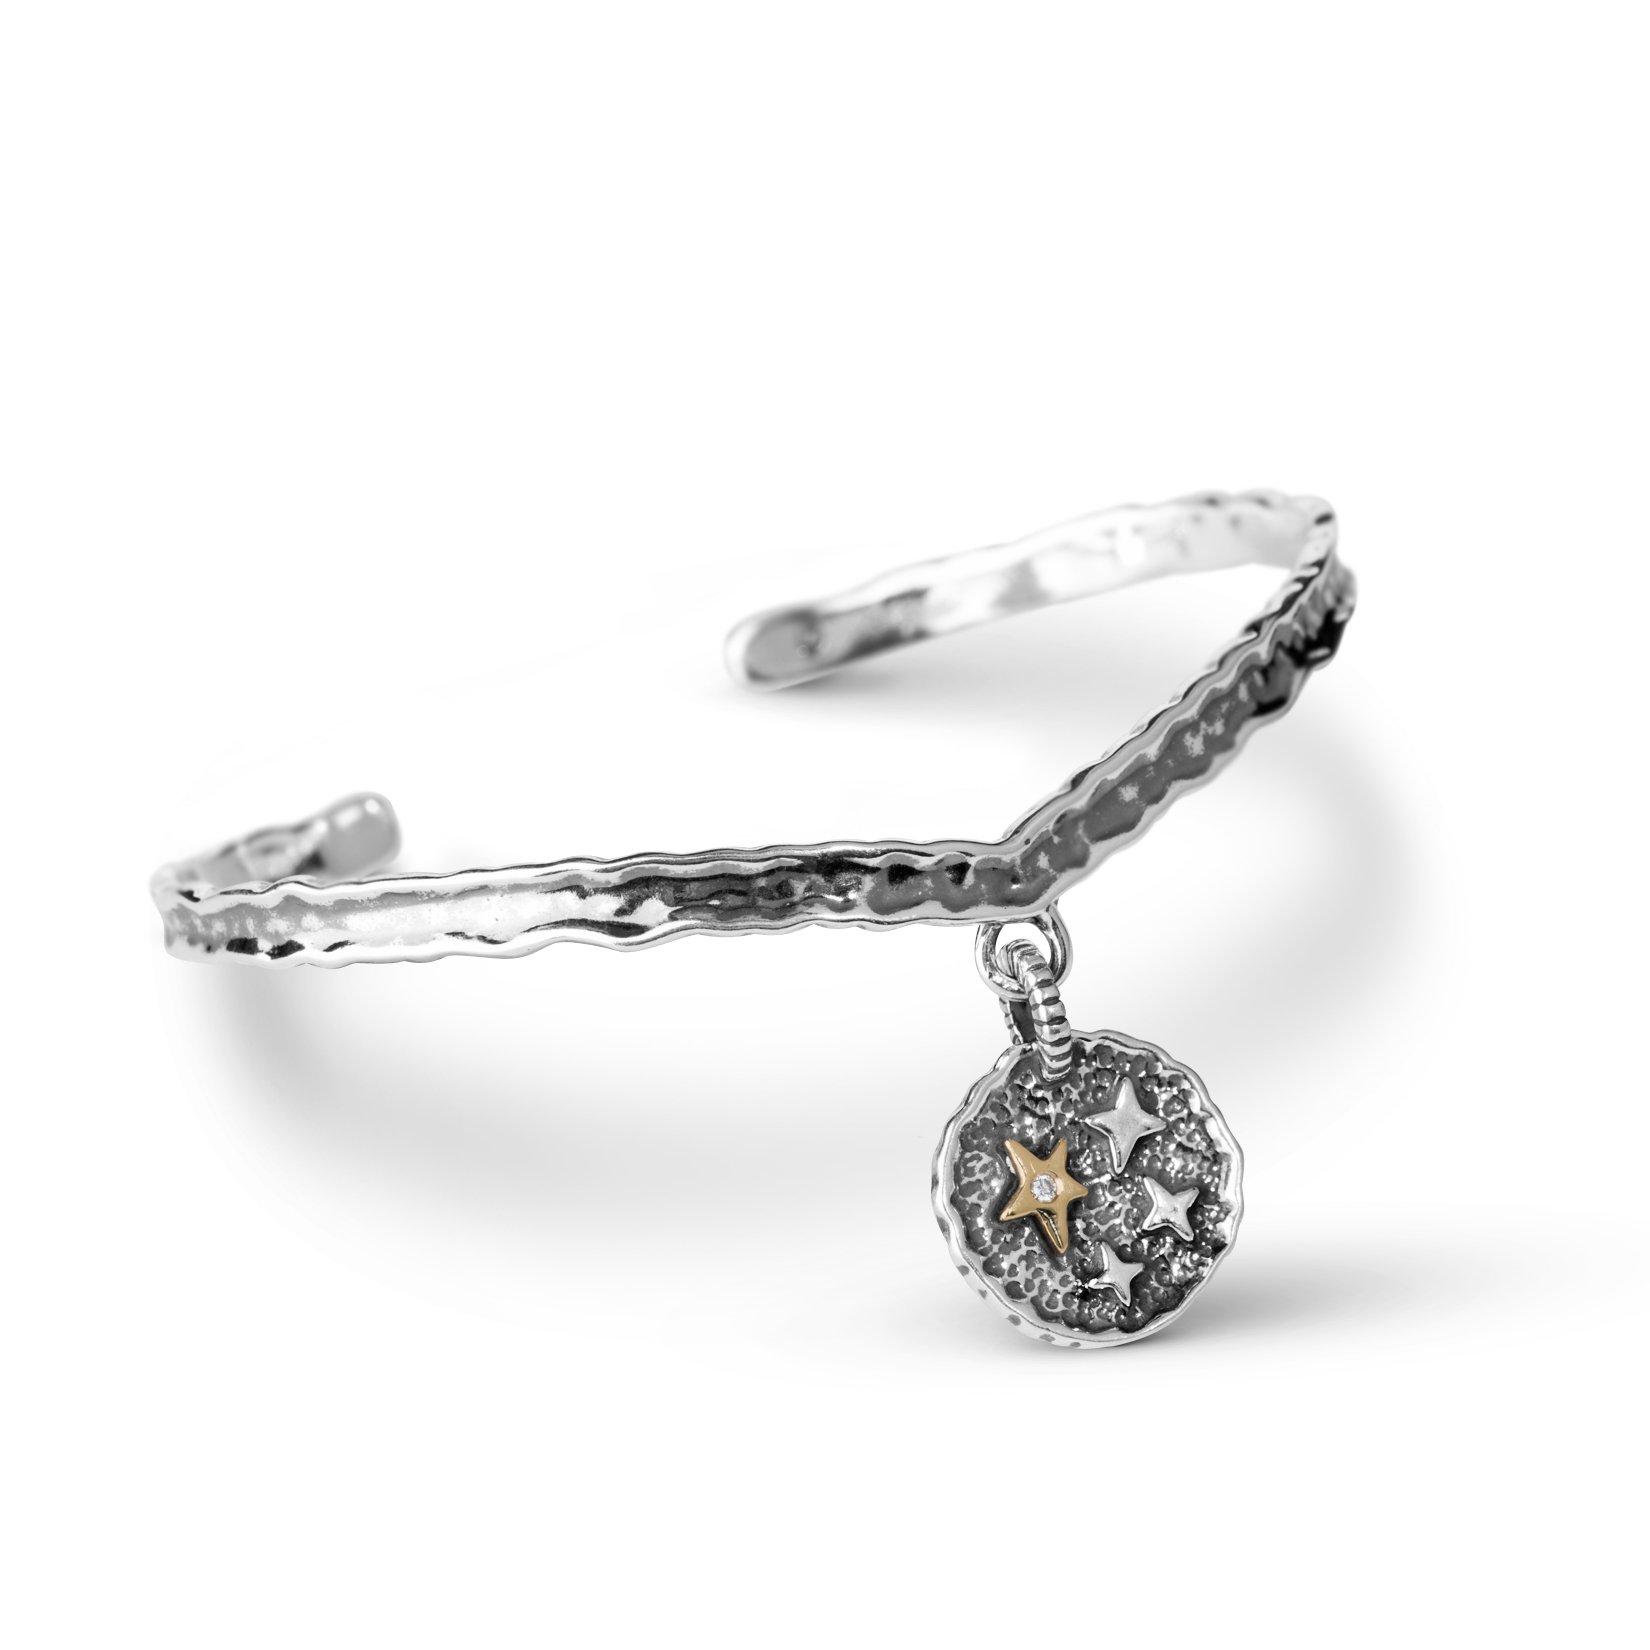 American West Jennifer Nettles Genuine .925 Sterling Silver Brass Diamond Accent Believe Cuff Bracelet